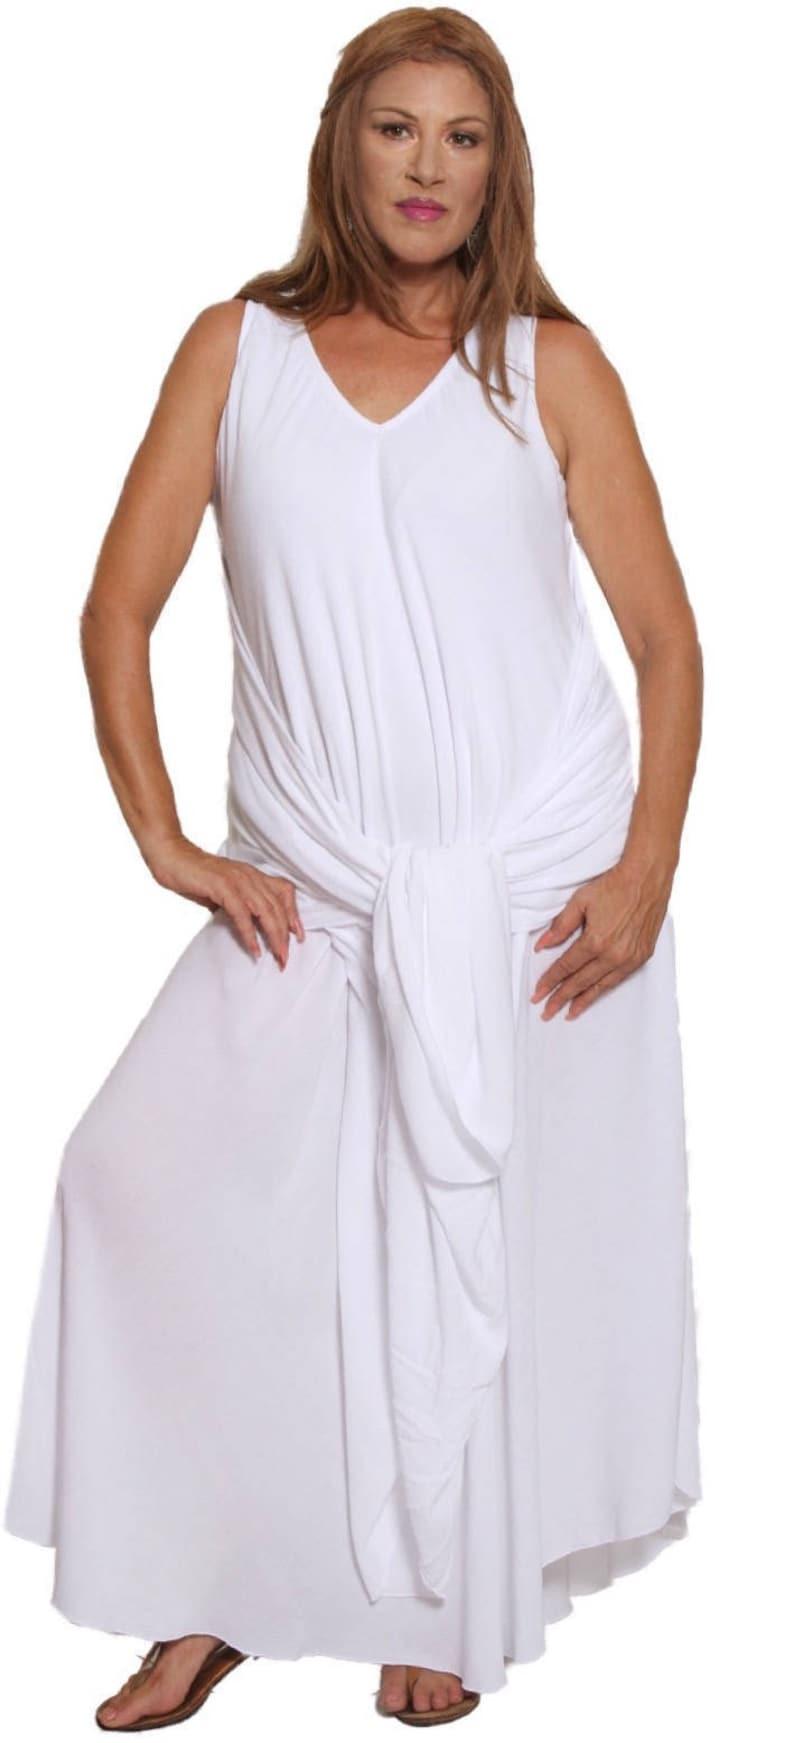 LotusTraders V7730 Made To Order Layered Shawl Drape Hood Jacket Mystique Vintage Wedding and Bridesmaids Morrocan Magic Dress